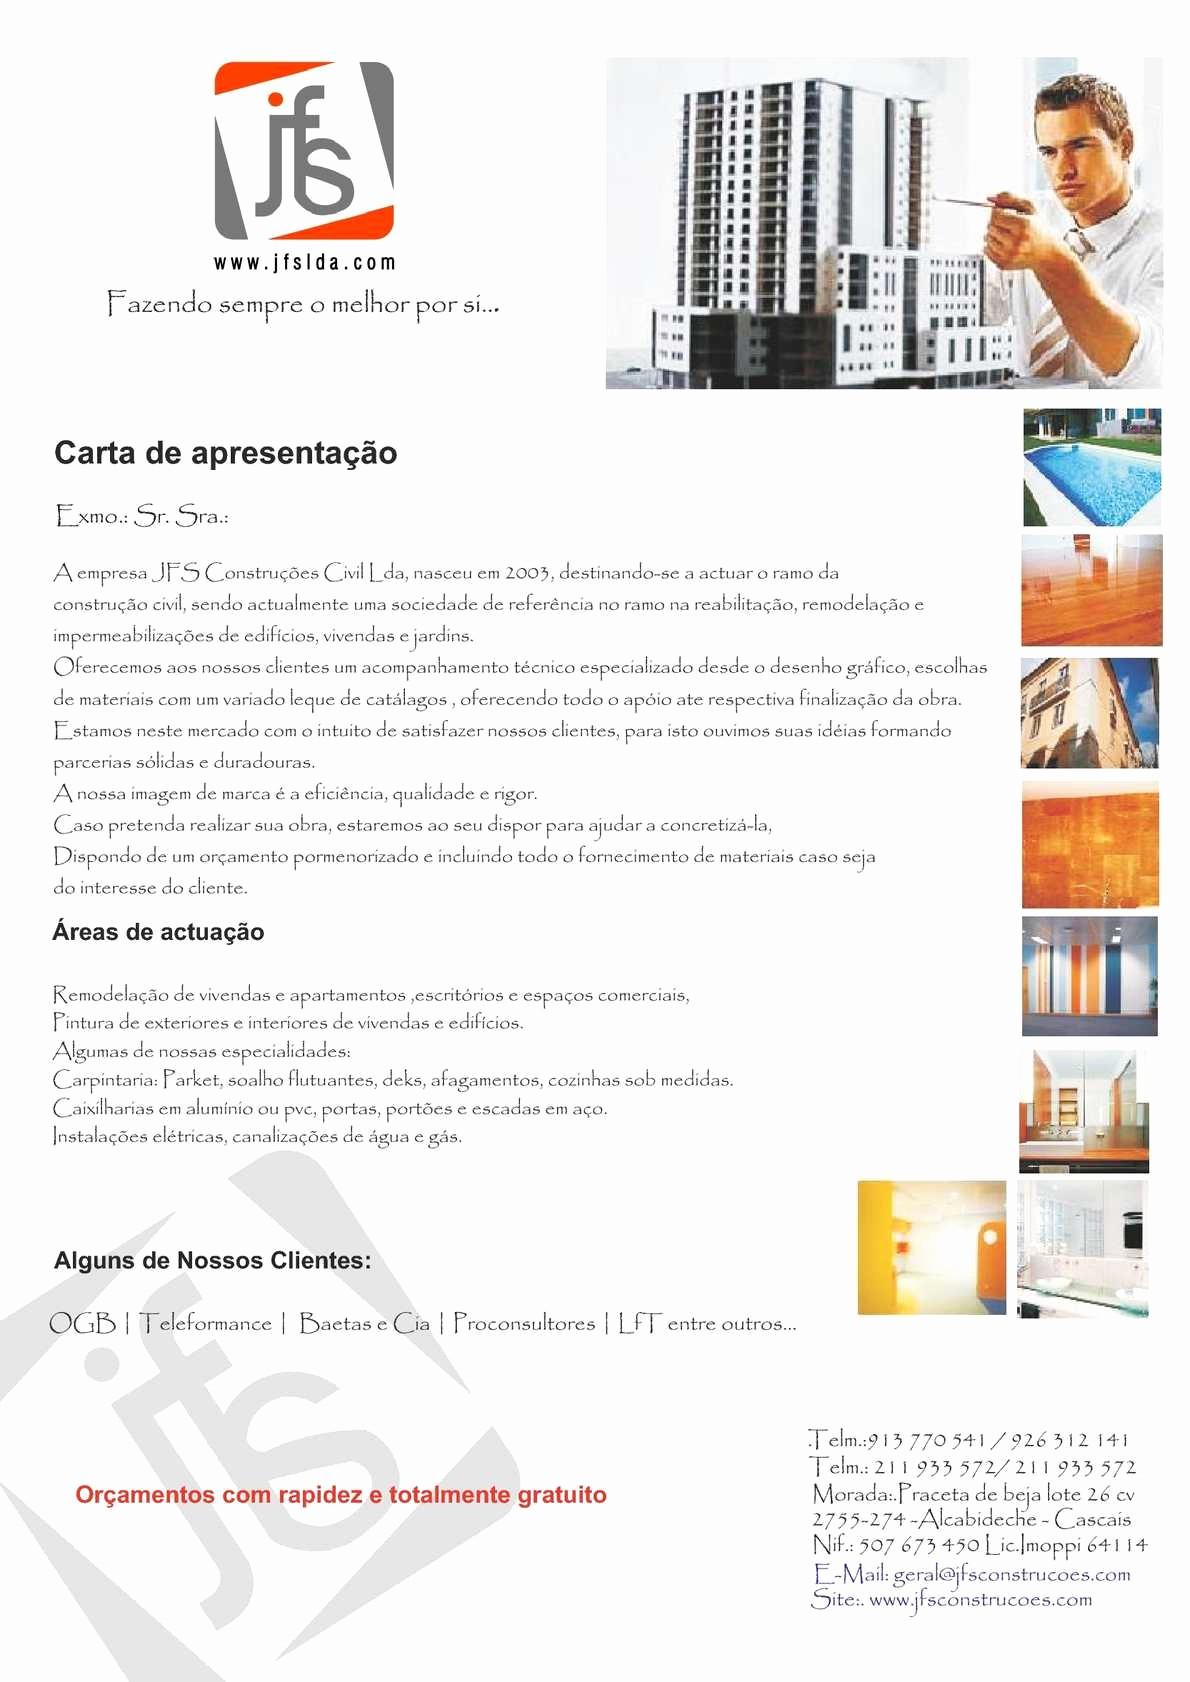 Carta De Apresentação De Empresa Fresh Calaméo Carta De Apresentação